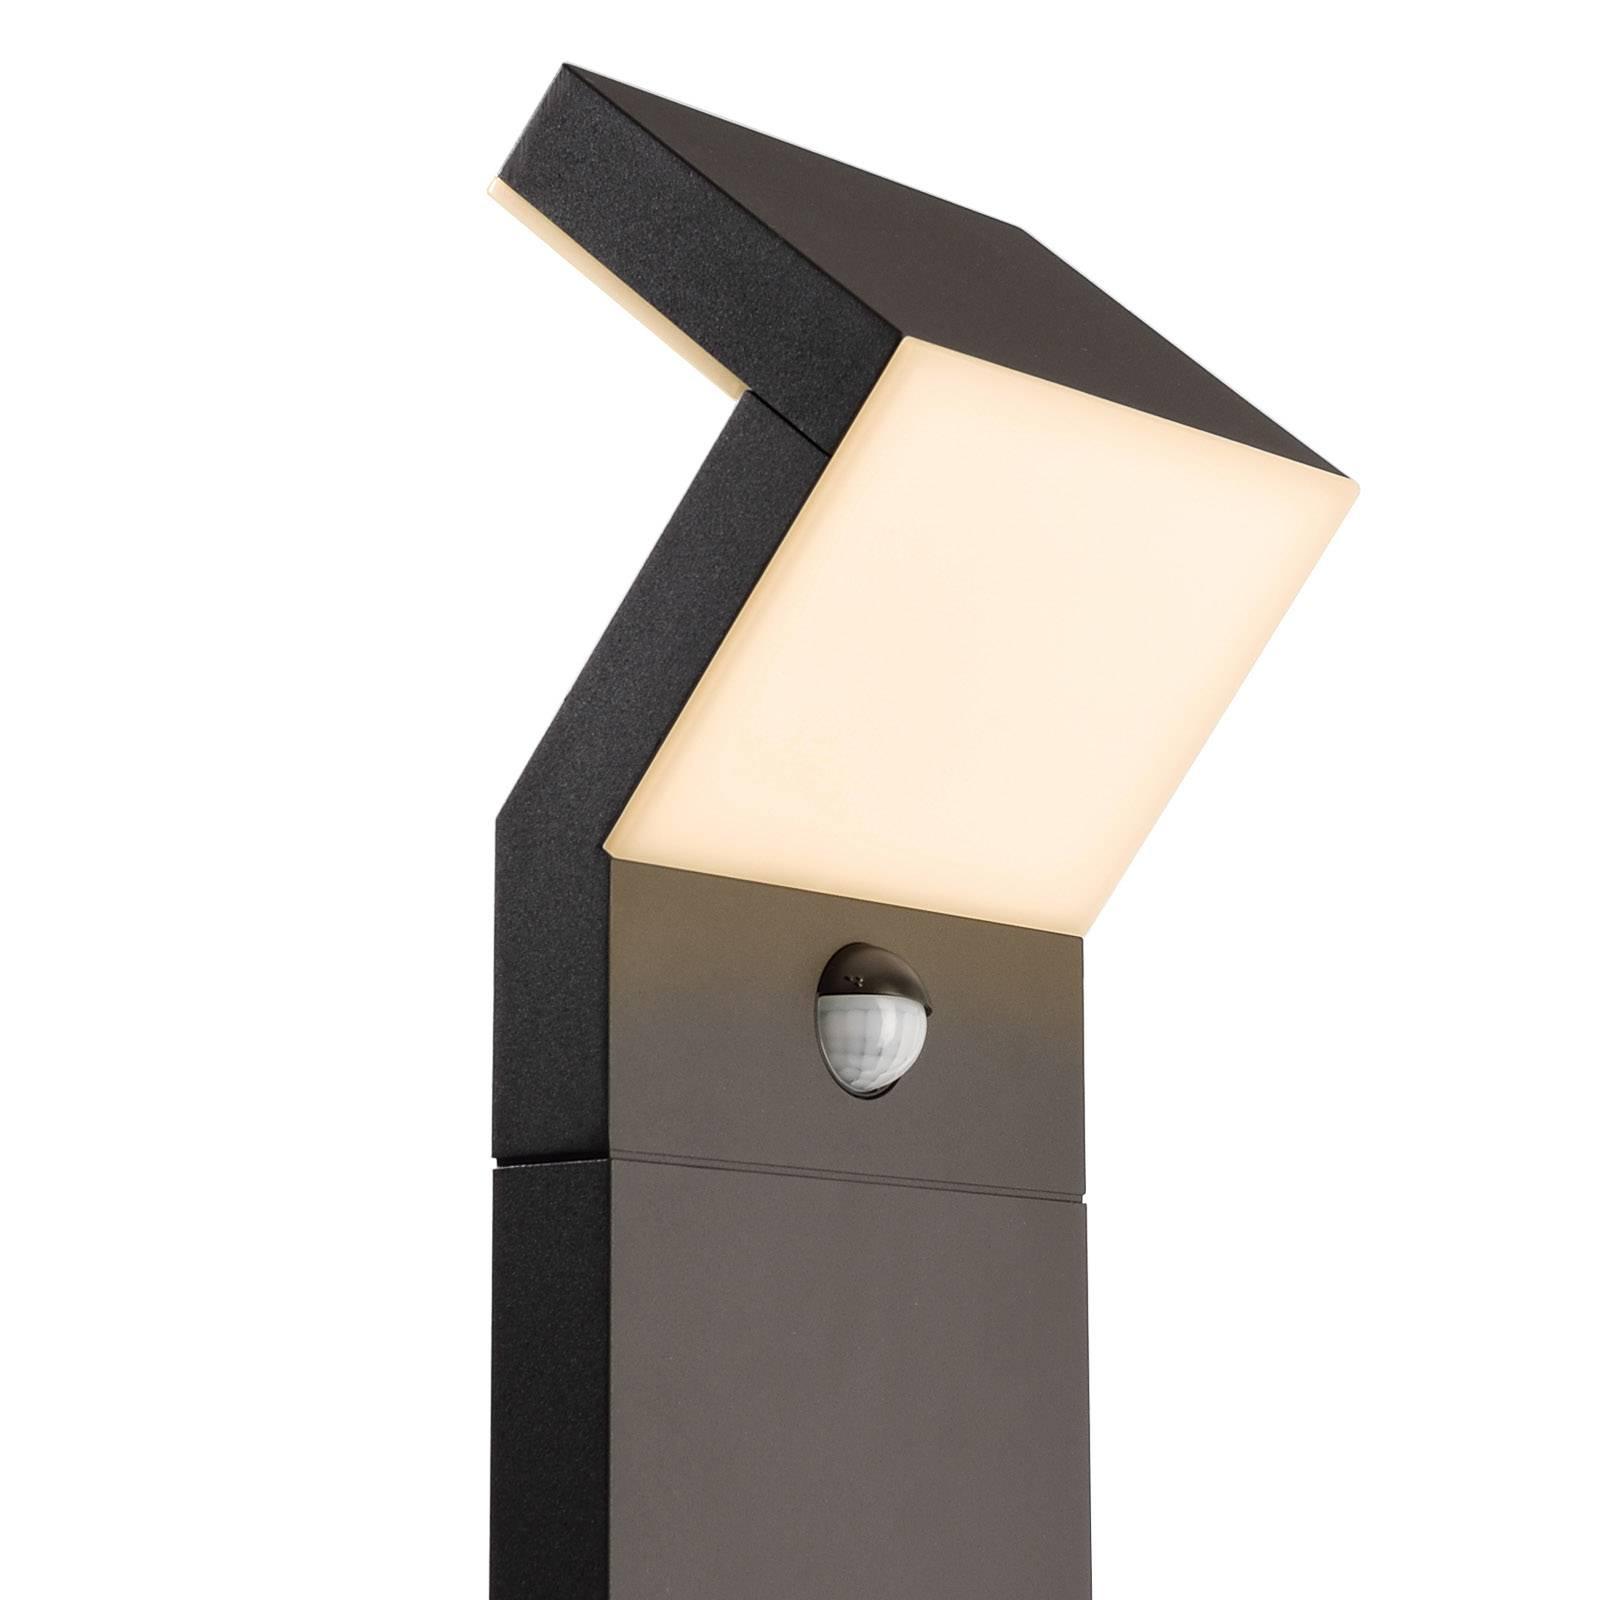 LED-Wegeleuchte Taygeta, Höhe 100 cm, mit Sensor